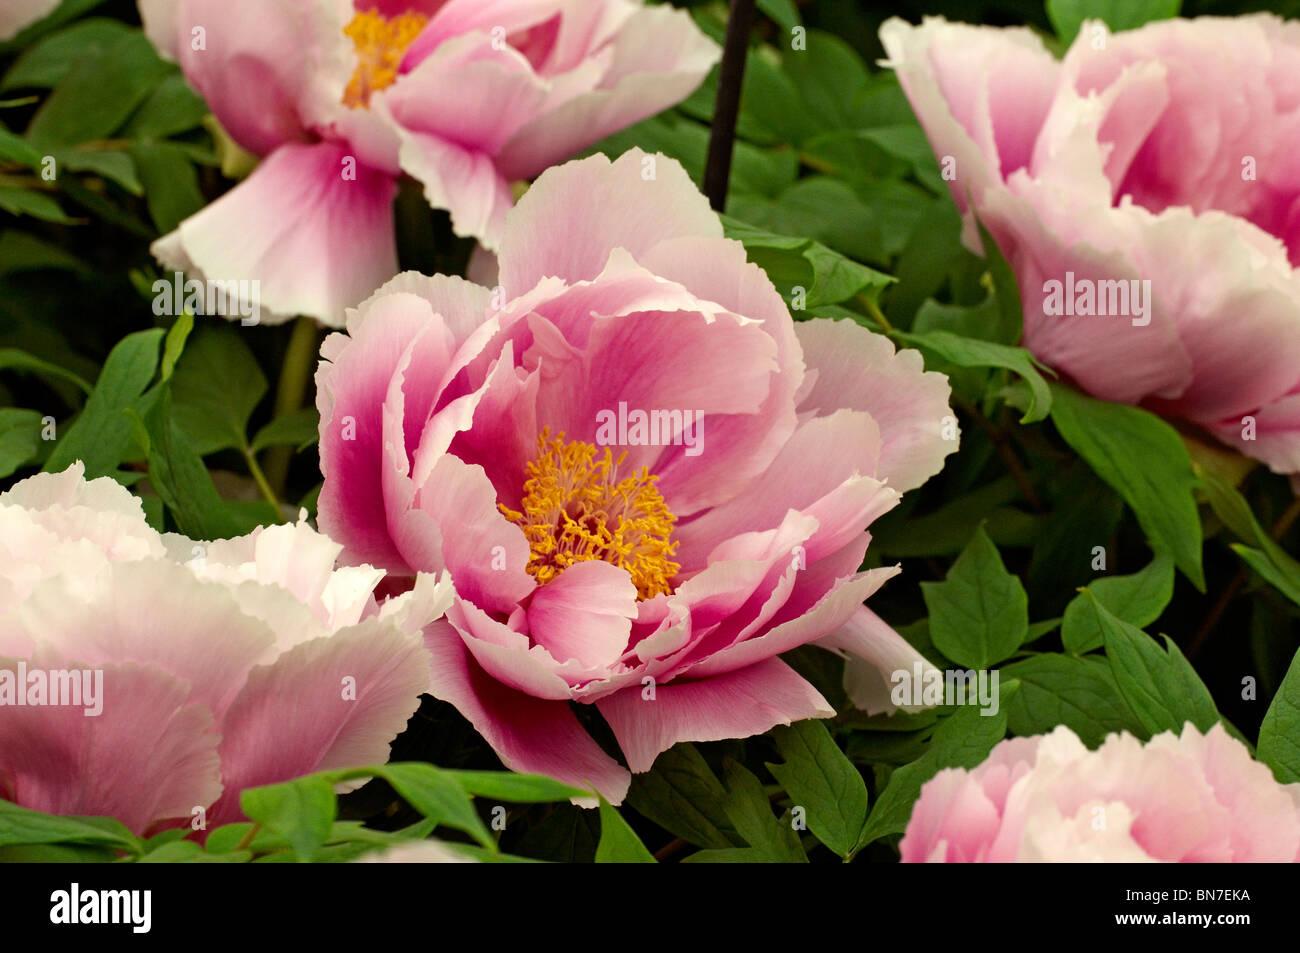 Tree Peony 'Shimano fuji' in flower - Stock Image